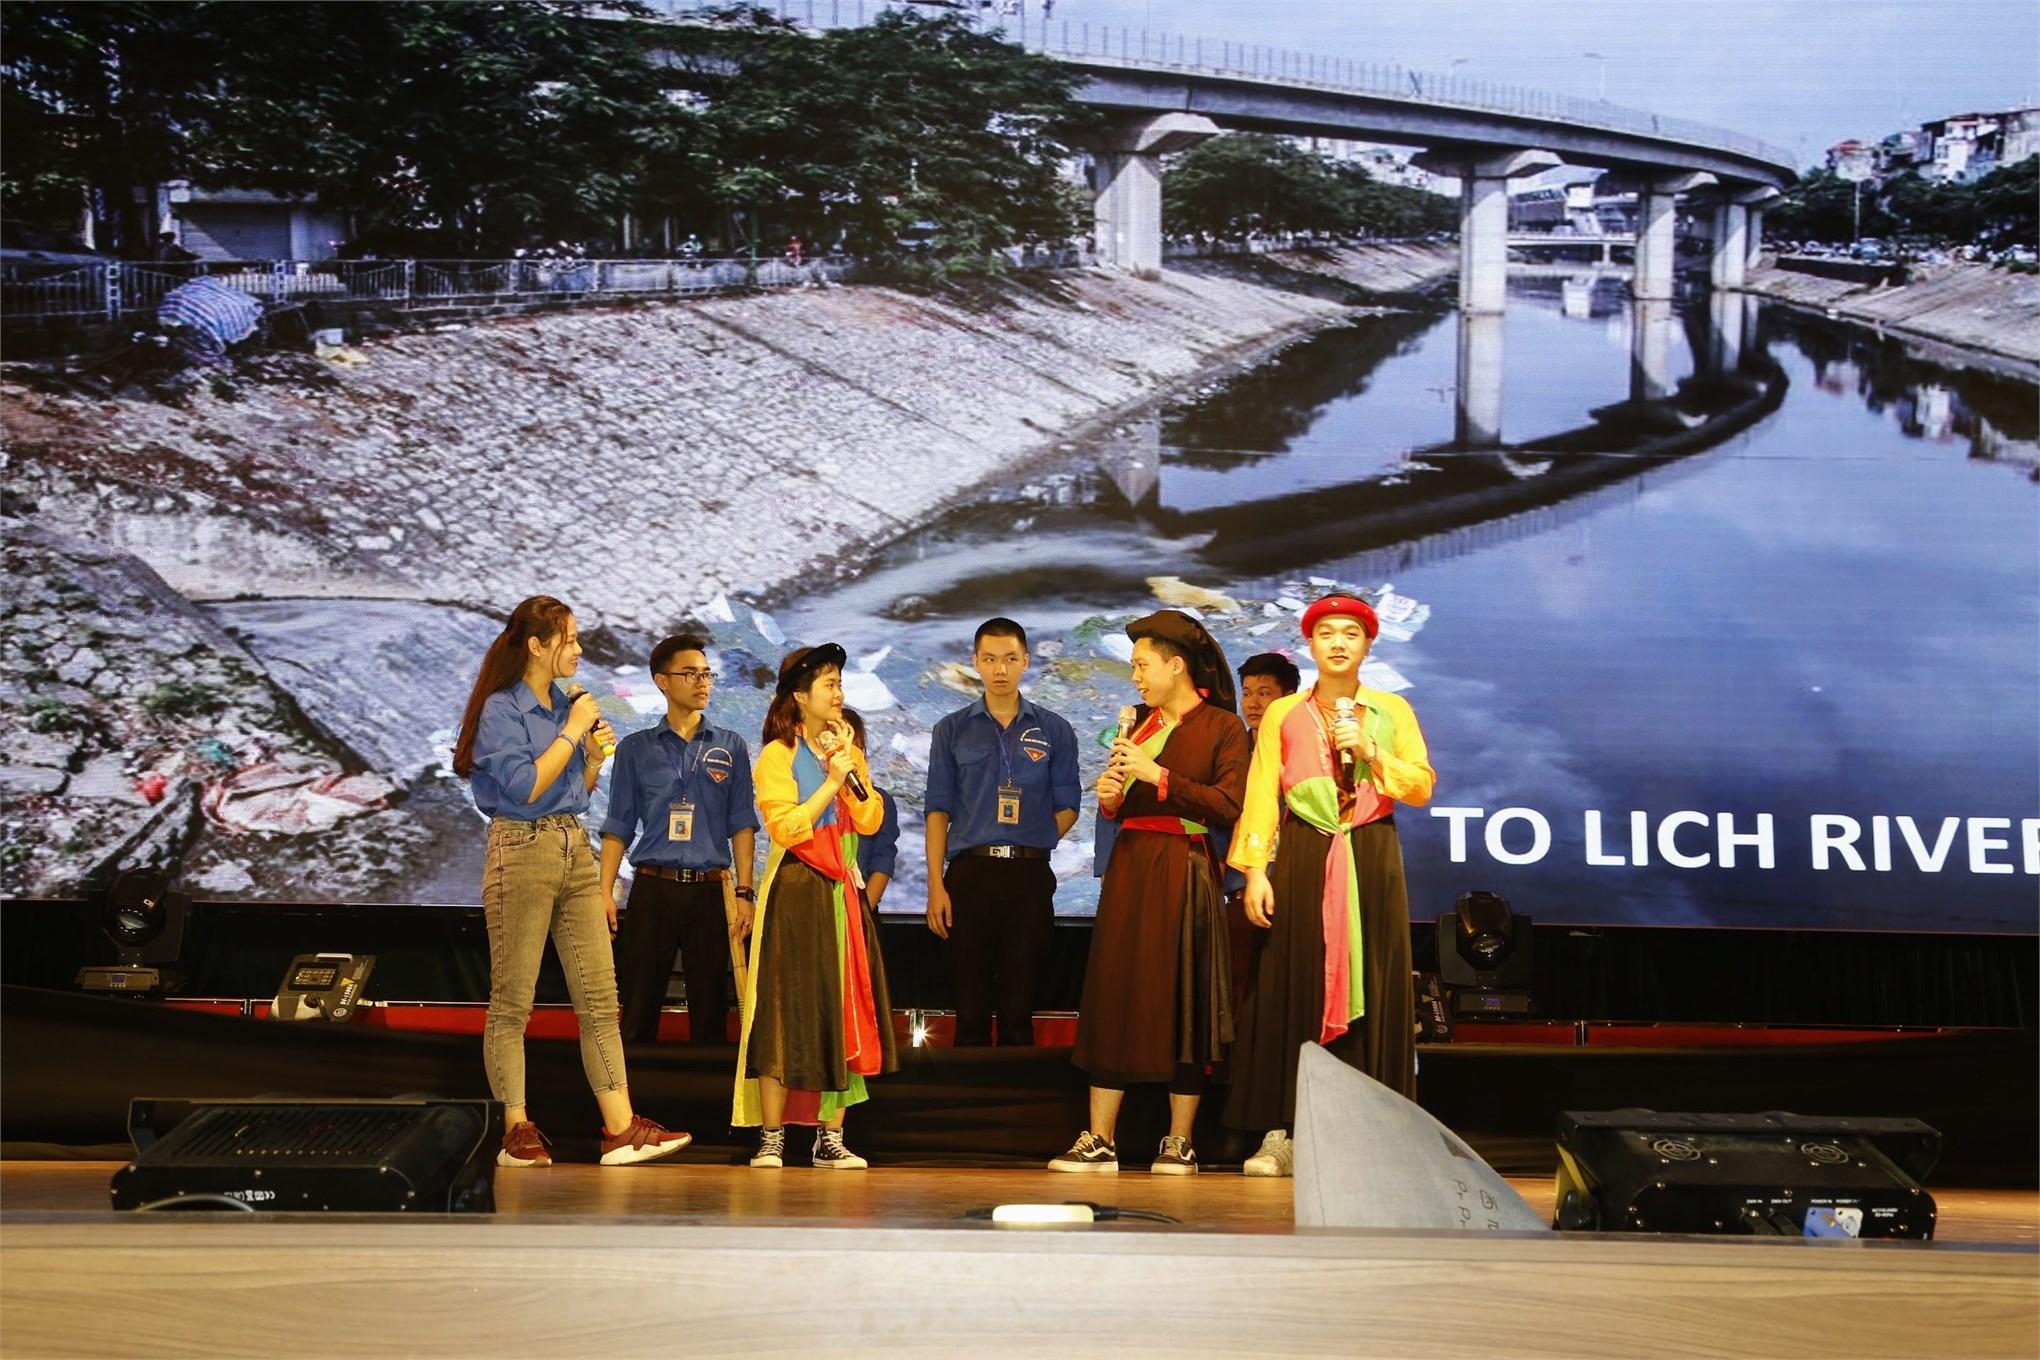 Phần thi Chào hỏi của Đội Đại học Công nghiệp Hà Nội